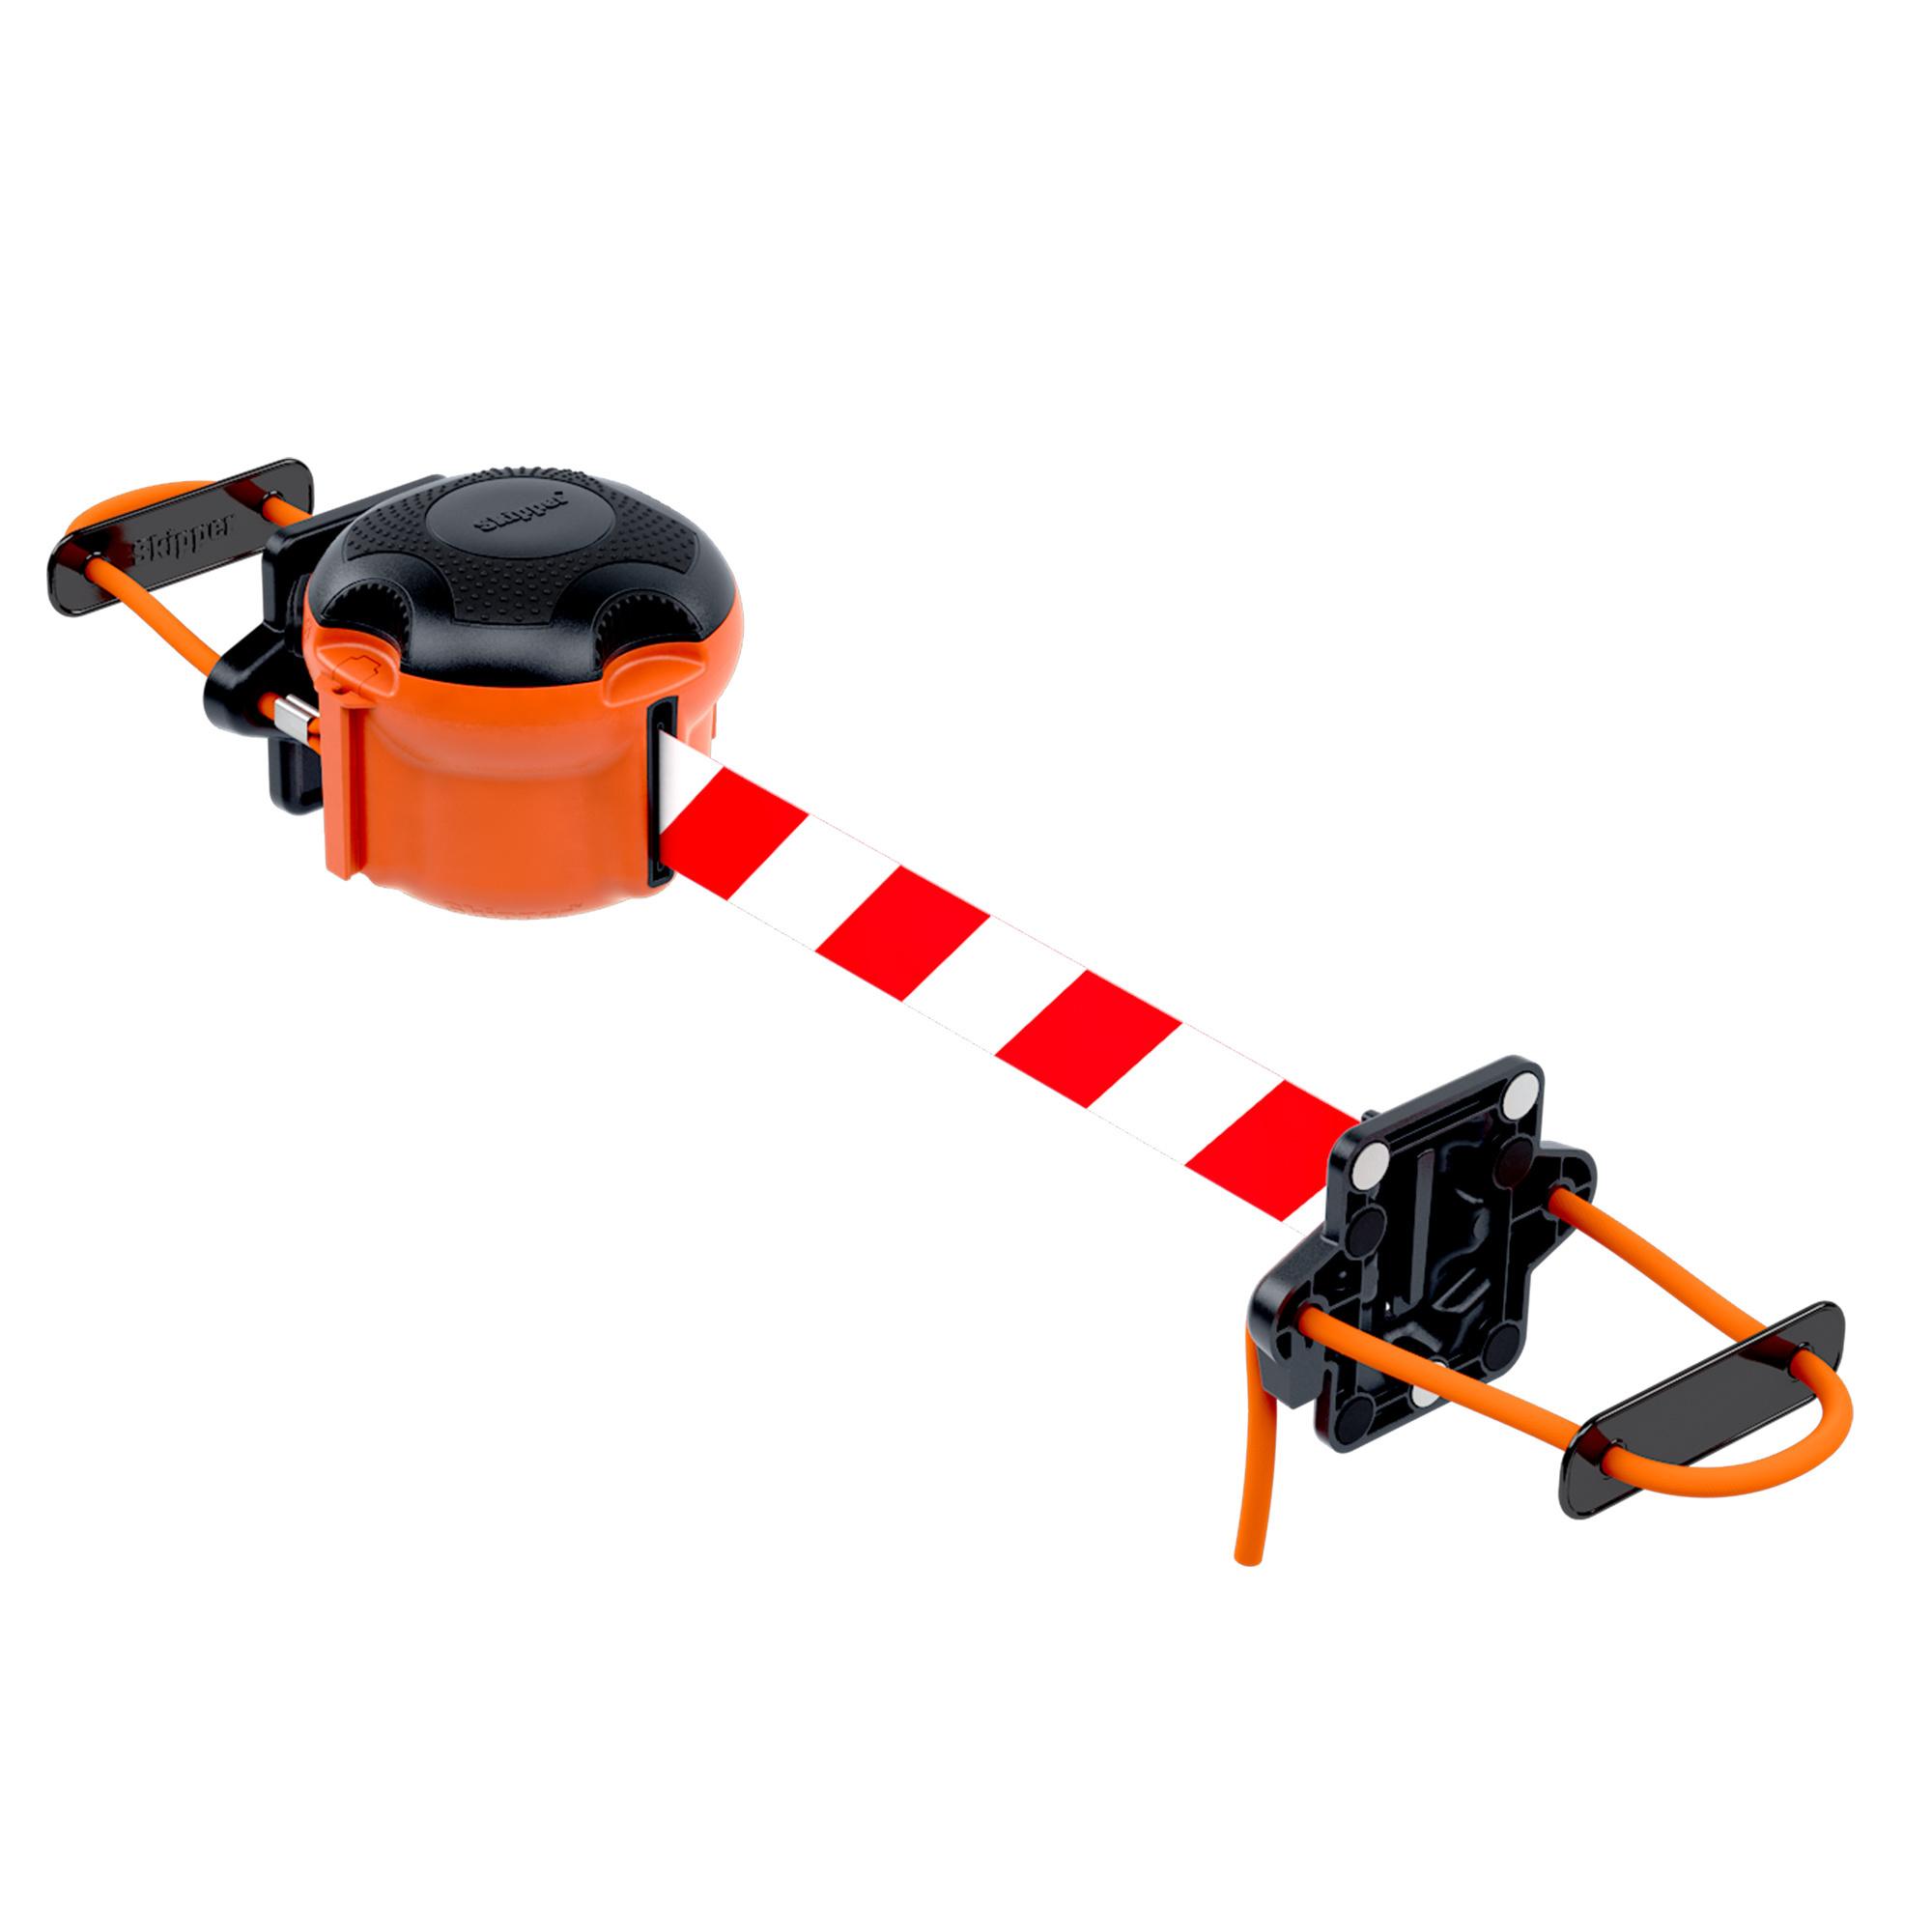 SKIPPER SKIPPER magnetische touwklem - vlakke ondergrond